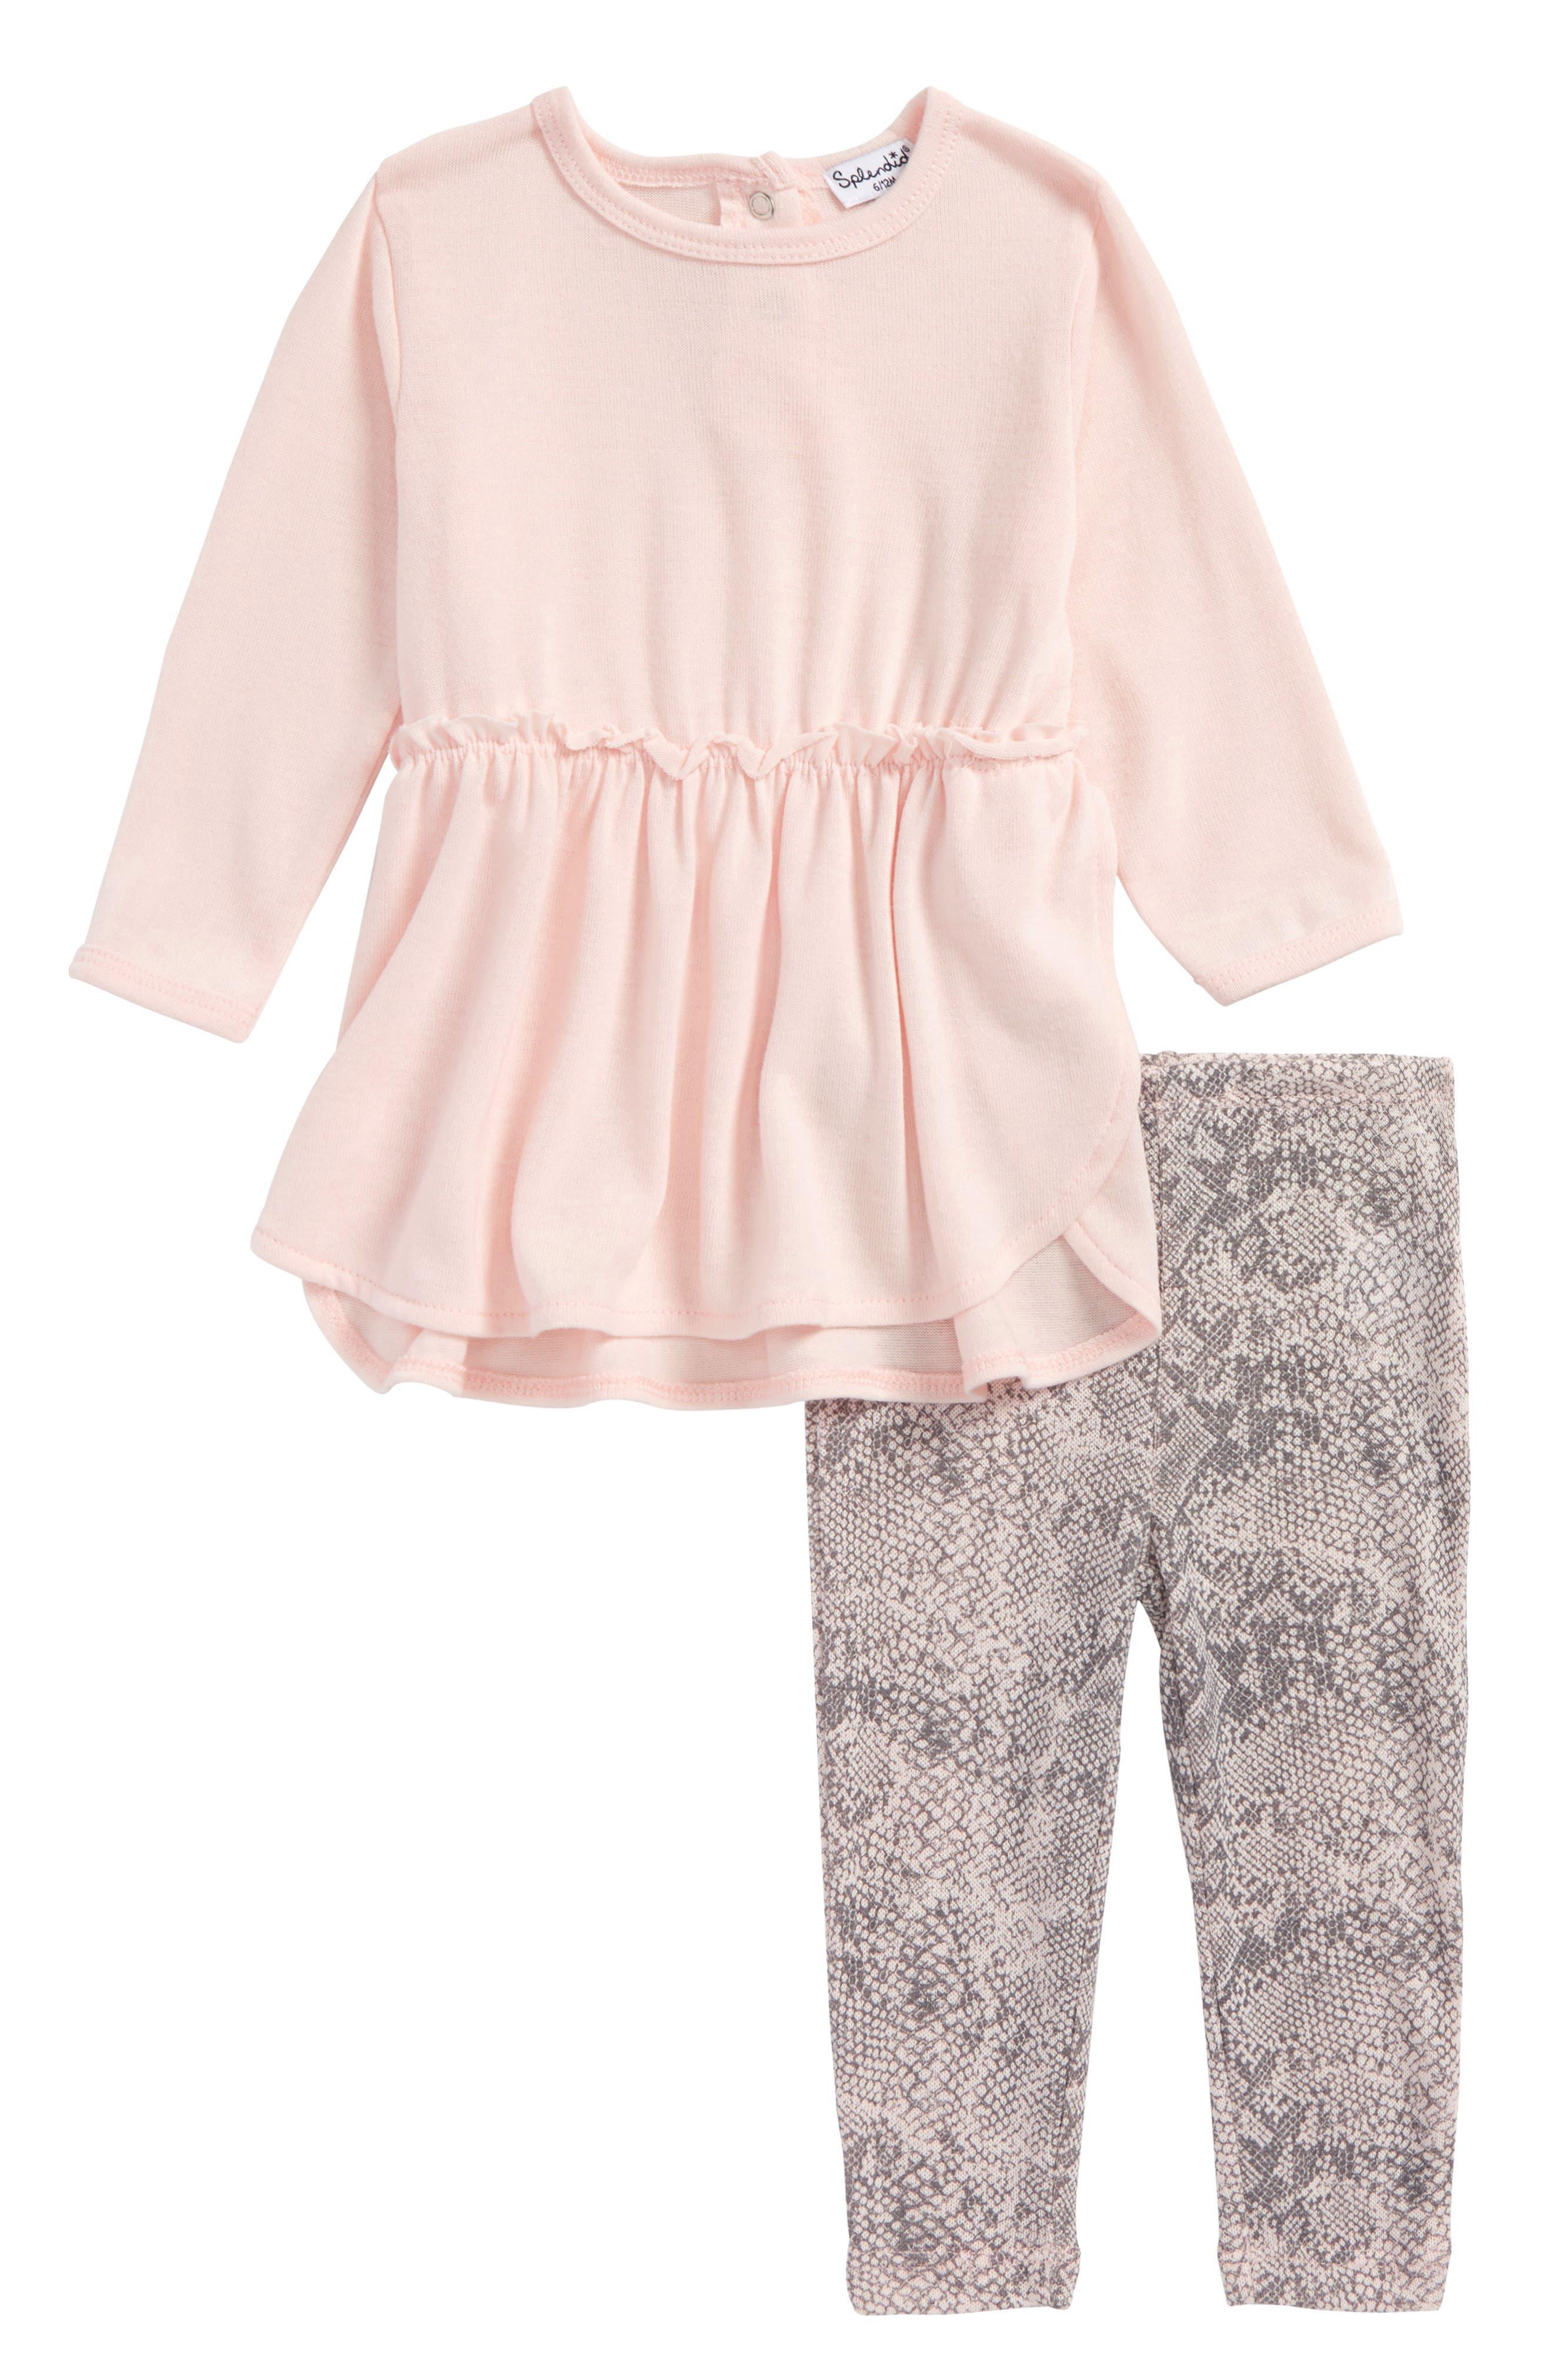 Tunic & Leggings Set,                             Main thumbnail 1, color,                             Light Pink